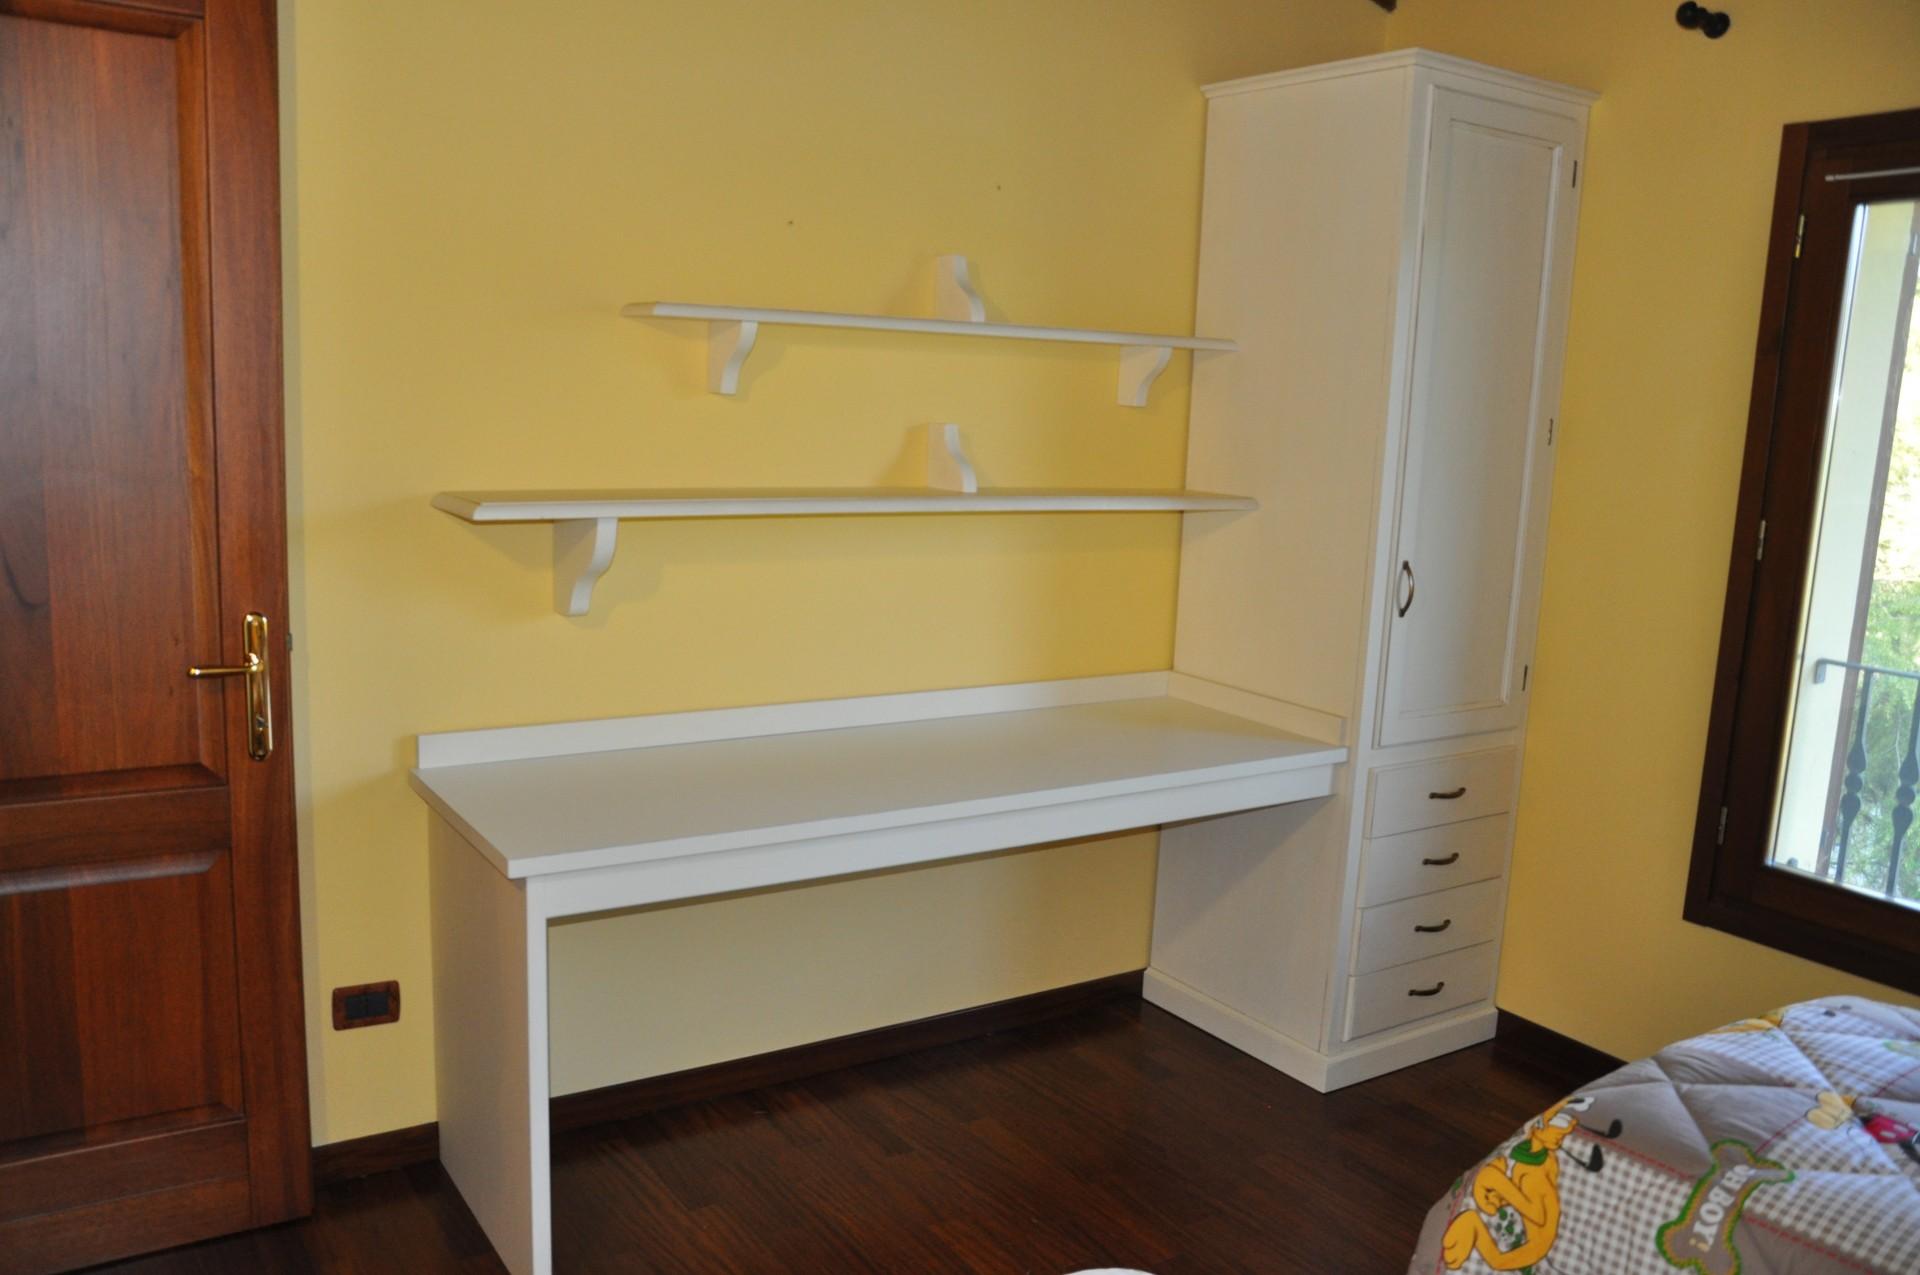 Camere bambino fadini mobili cerea verona - Camerette bambini legno naturale ...